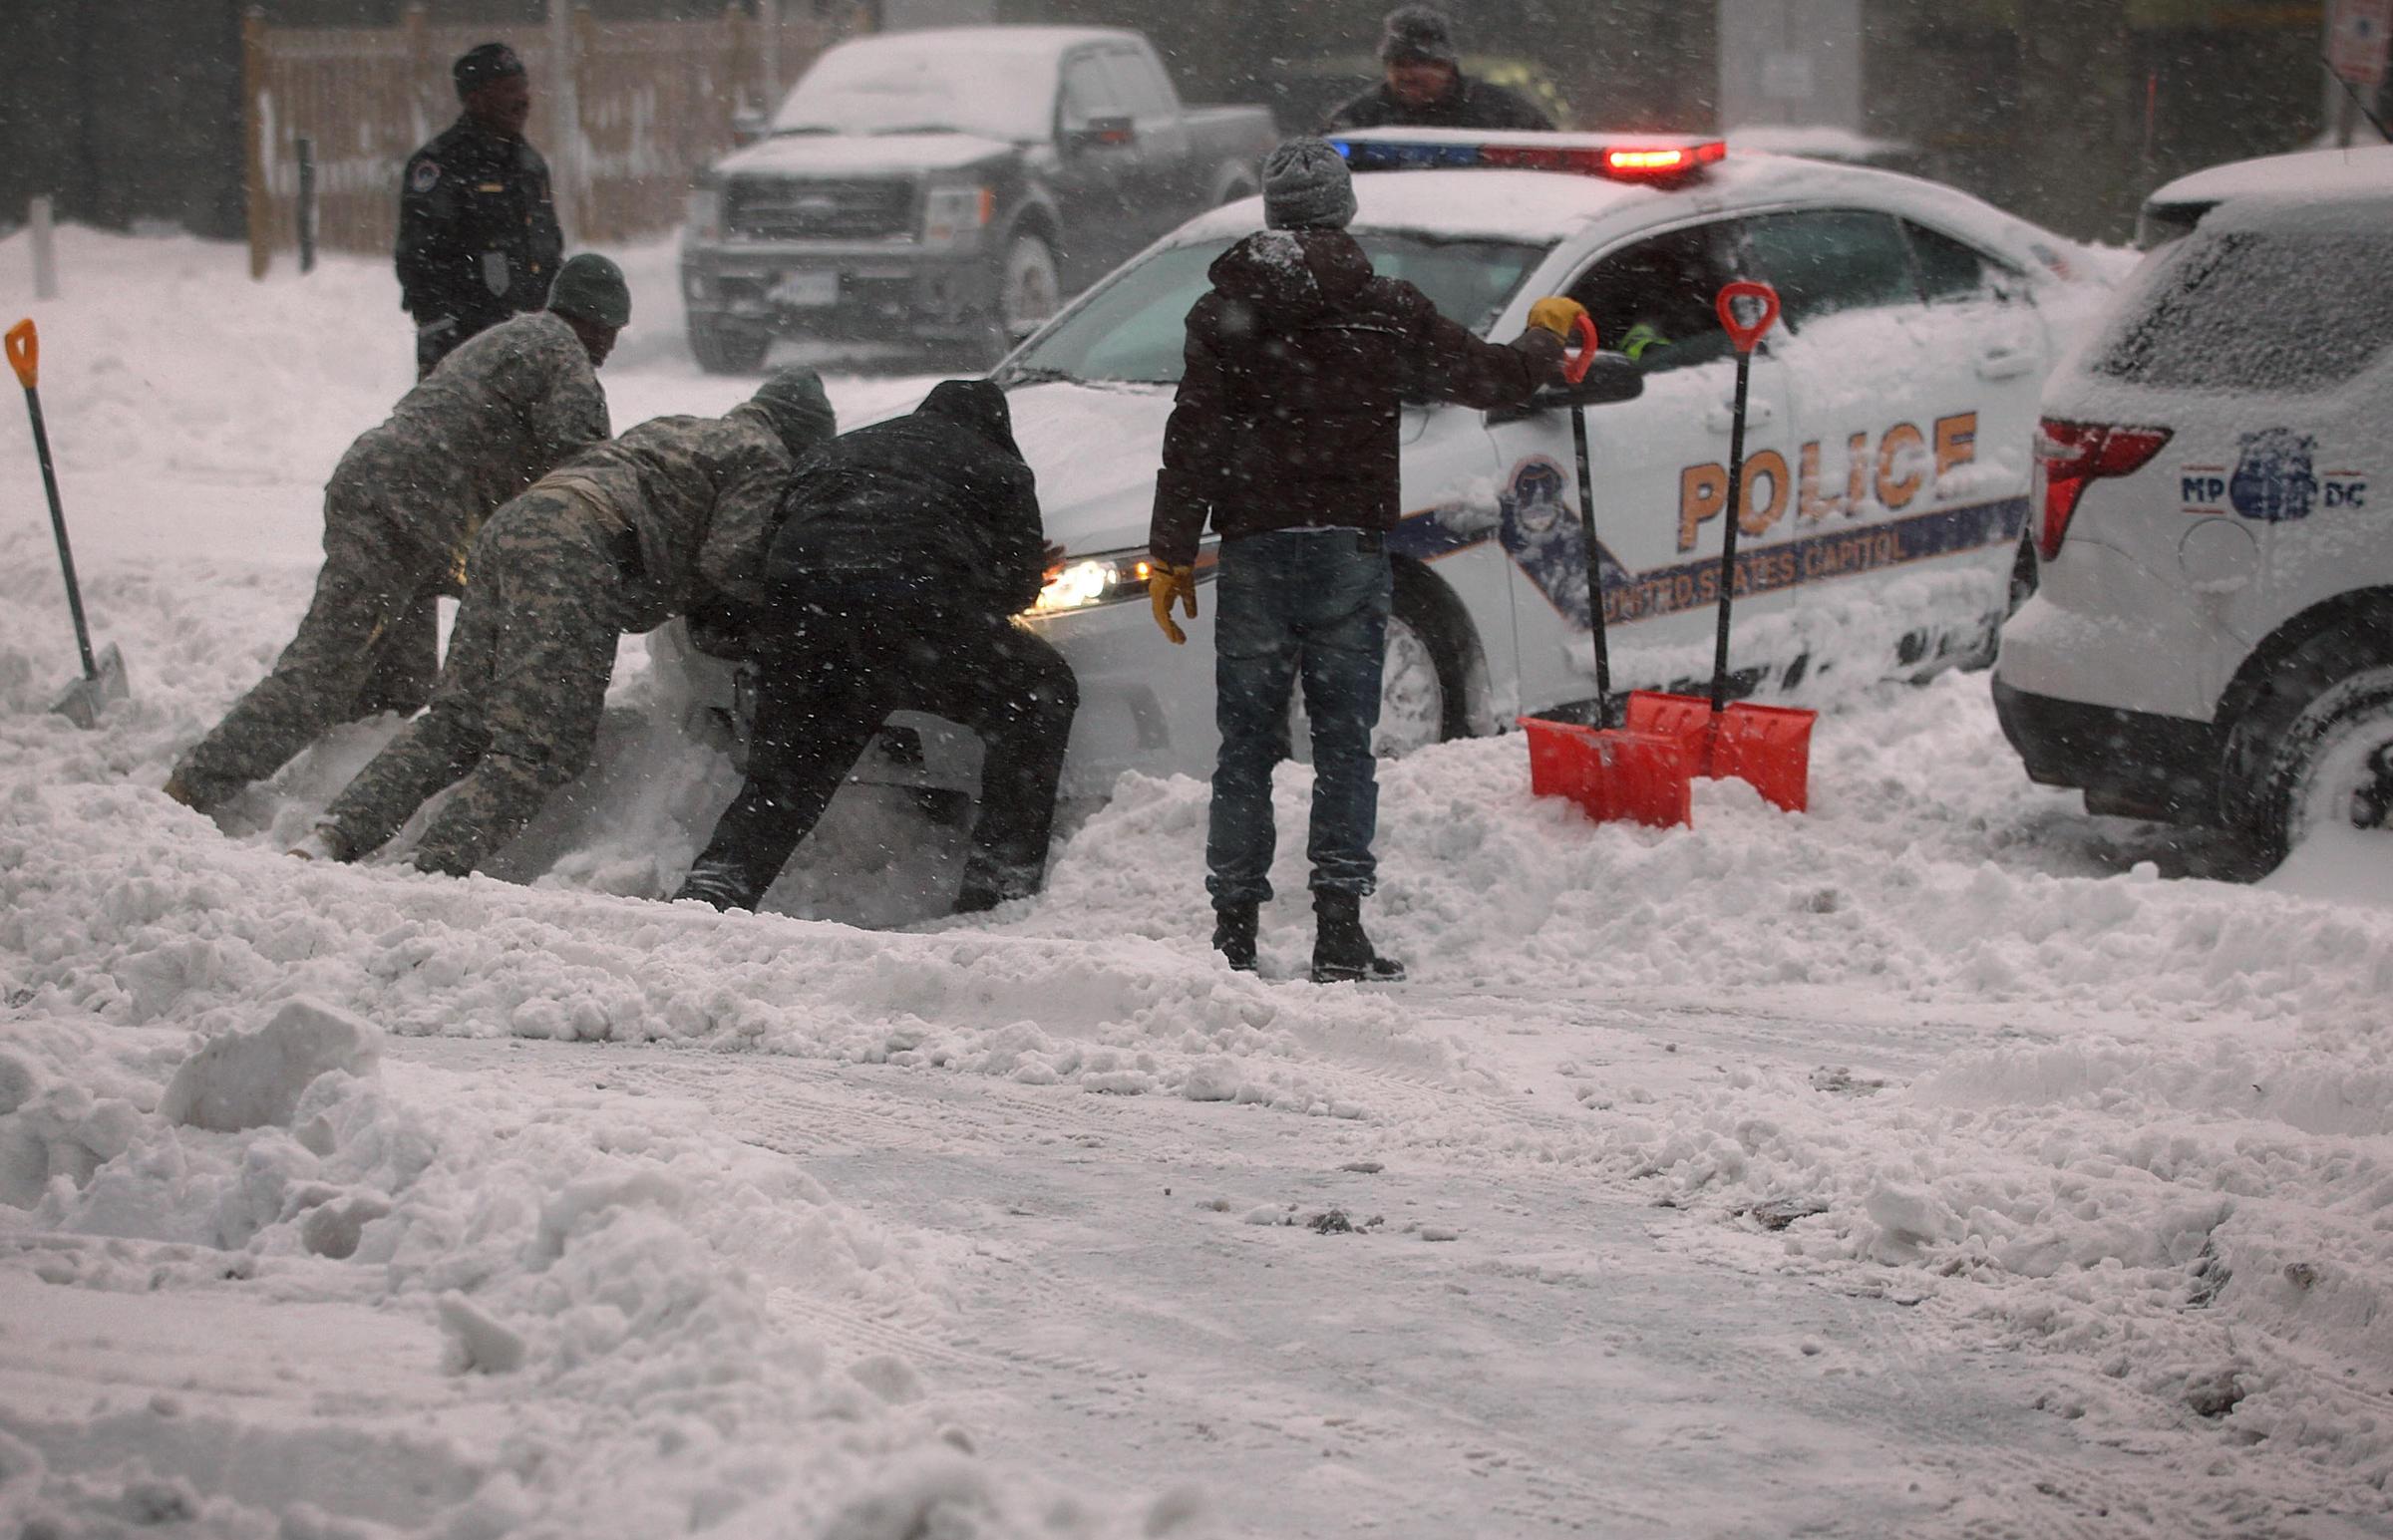 Картинки по запросу East Coast with heavy snow